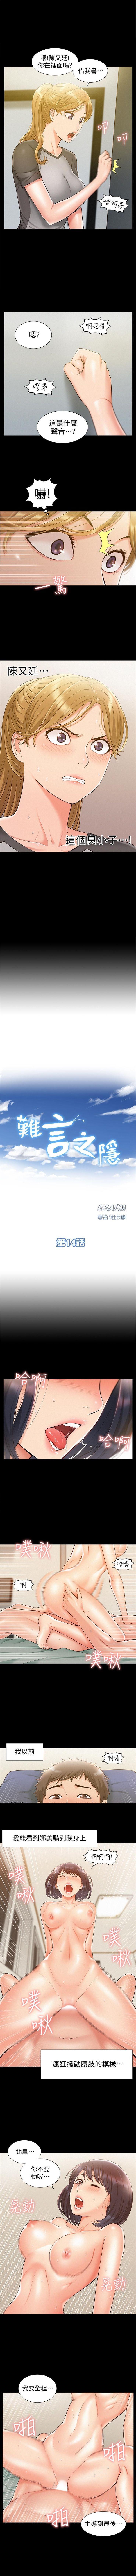 (週4)難言之隱 1-24 中文翻譯(更新中) 80